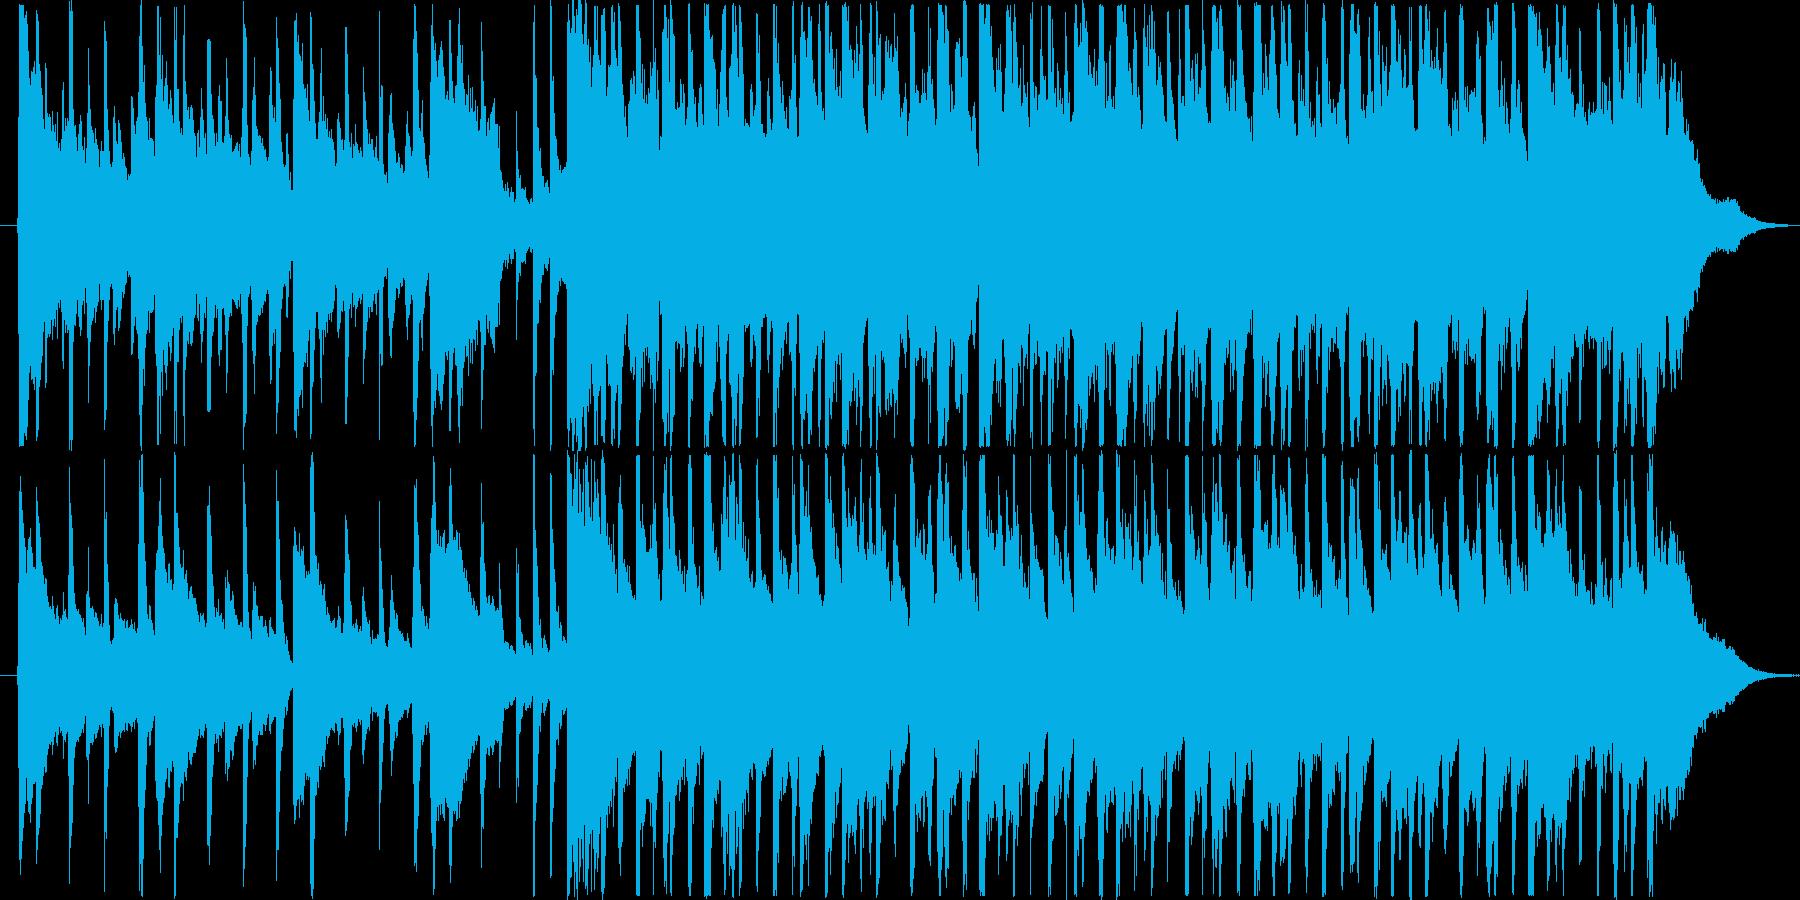 楽しい雰囲気のBGM(30秒ver)の再生済みの波形